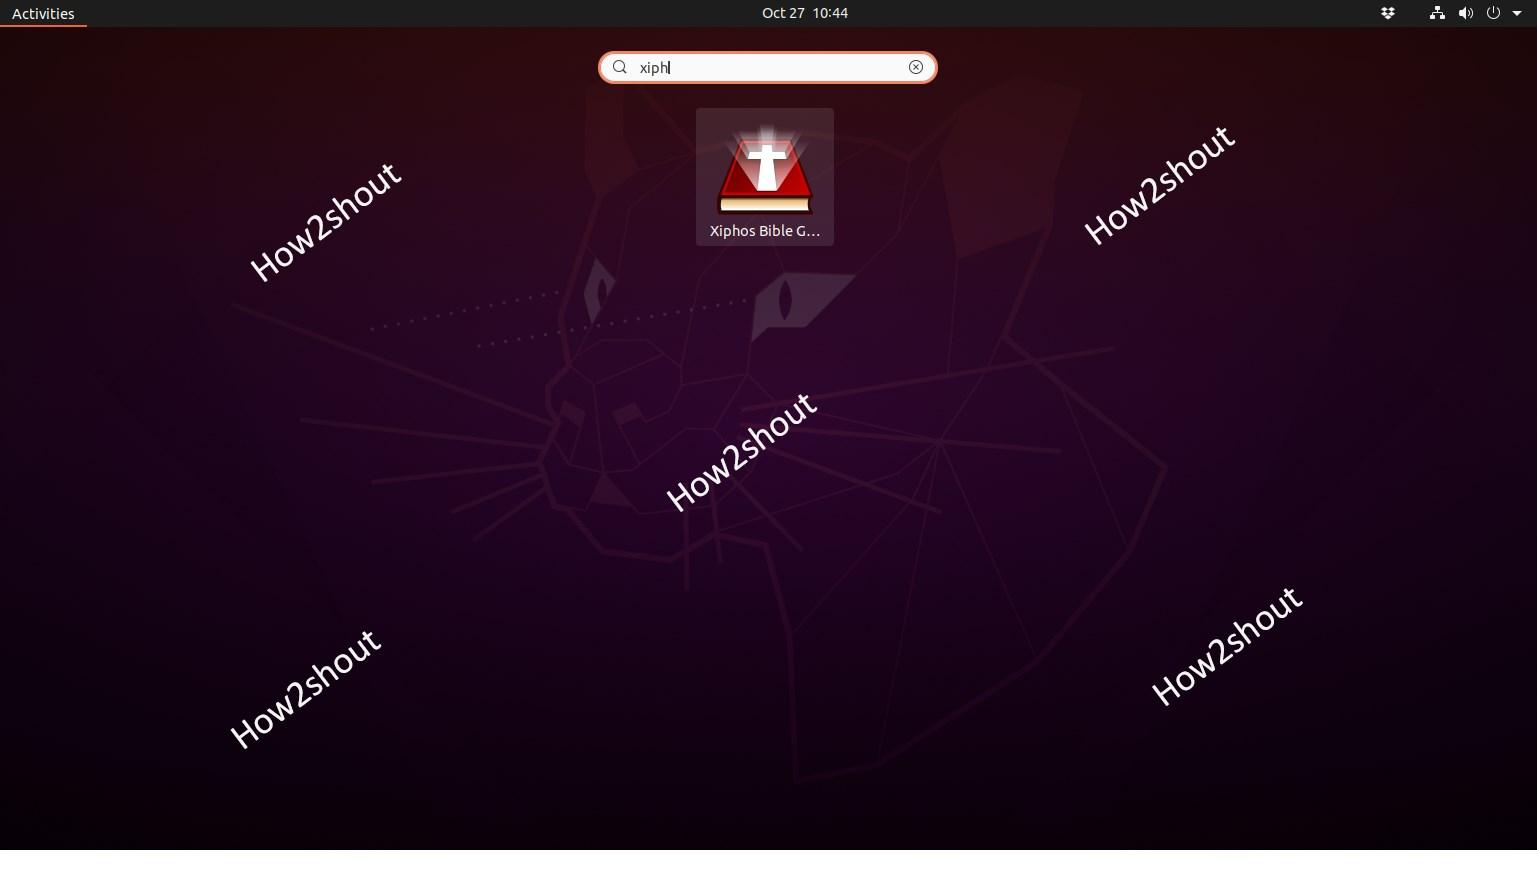 Xiphos on Ubuntu 20.04